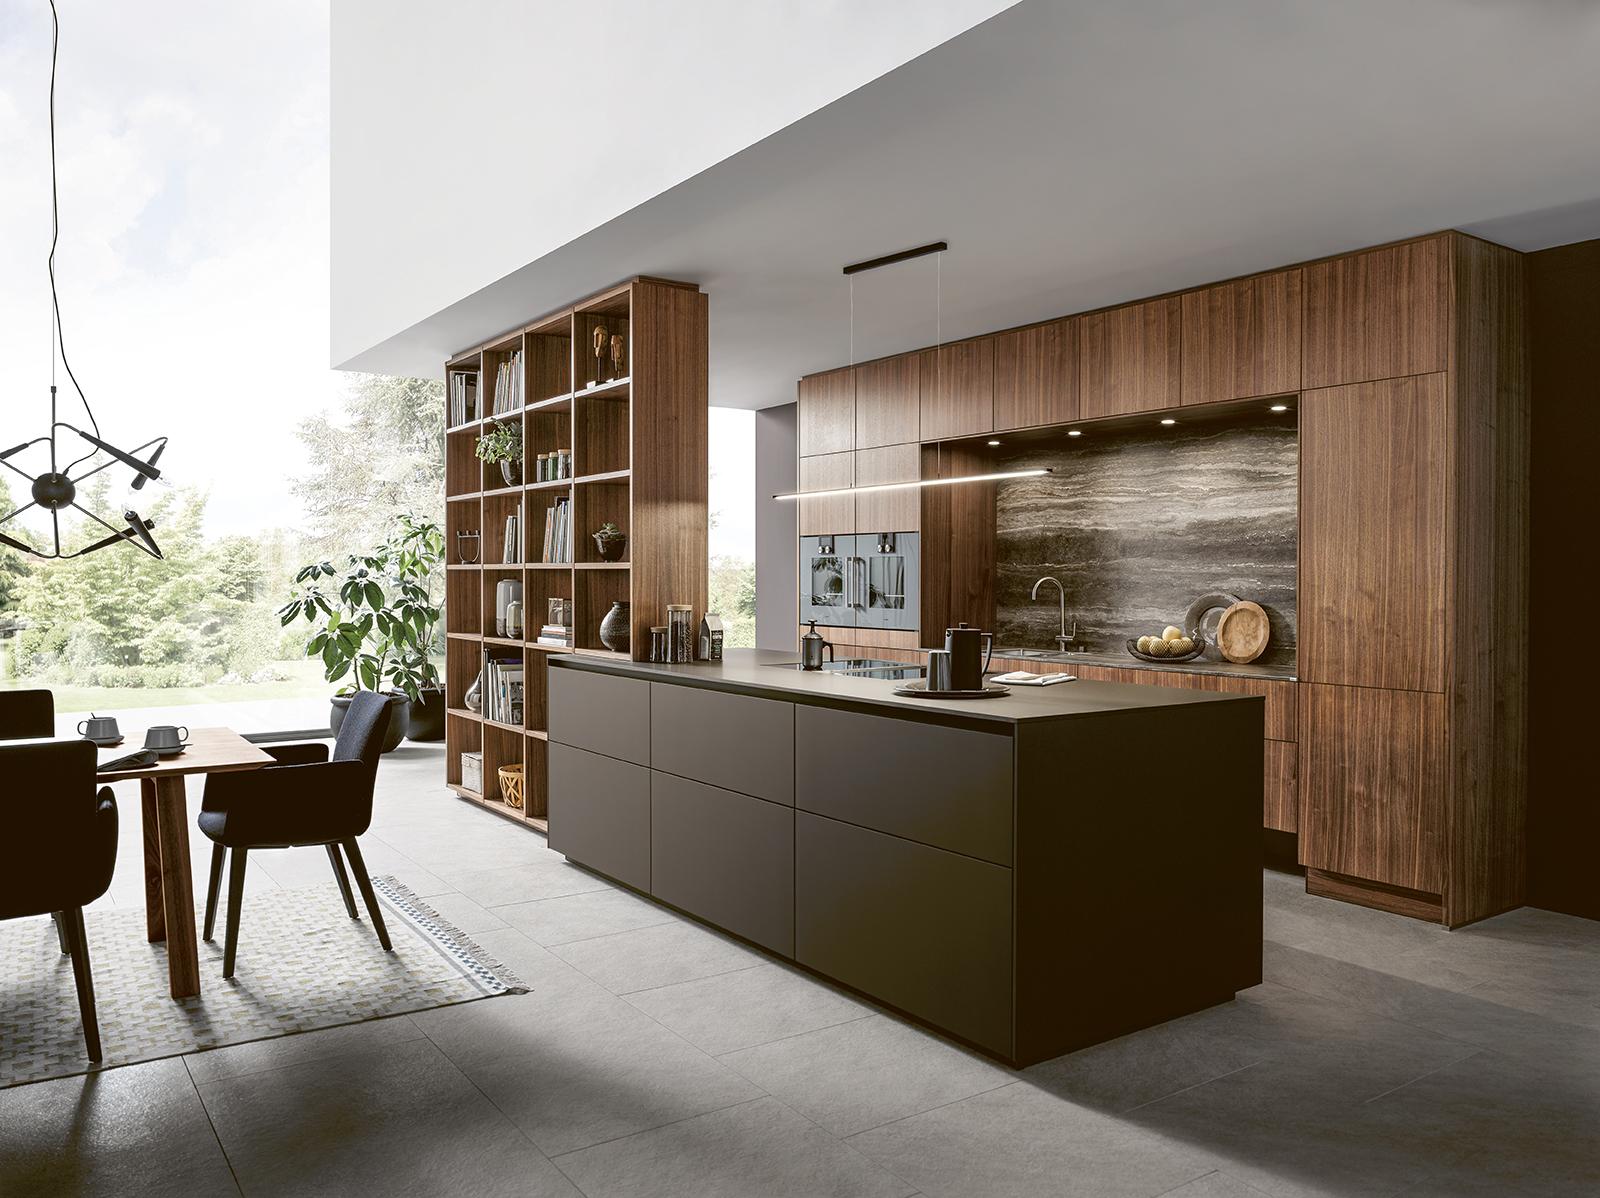 Cuisine équipée épurée design contemporain et moderne avec intérieur chaleureux